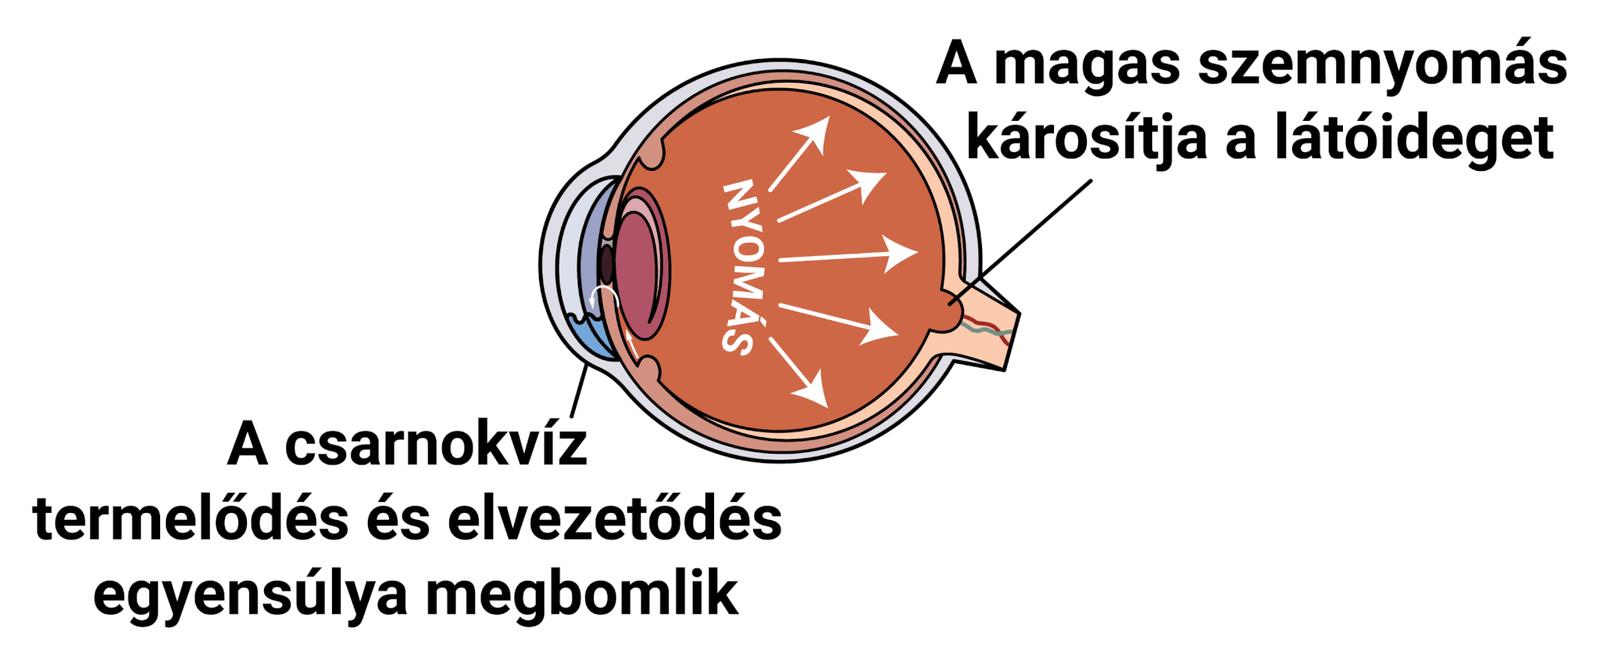 milyen vitaminok vannak az emberi látásmódon